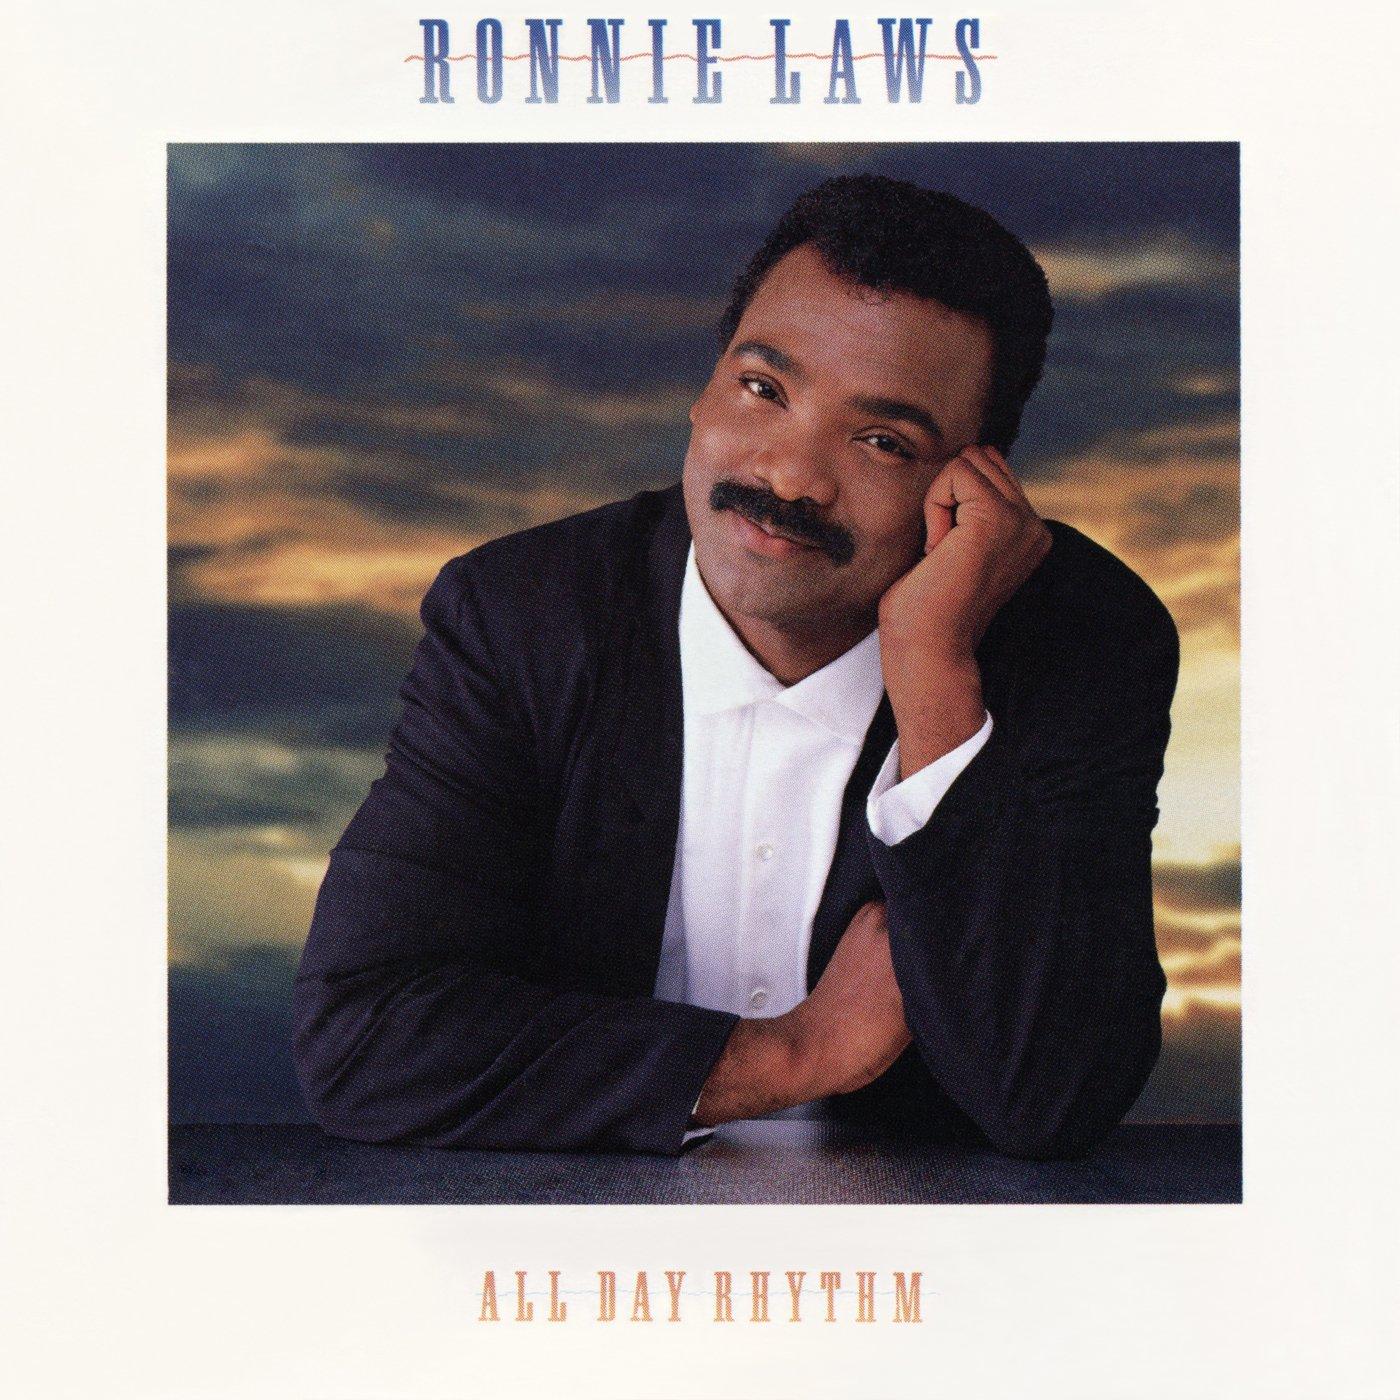 Ronnie Laws – All Day Rhythm (1987) [FLAC]